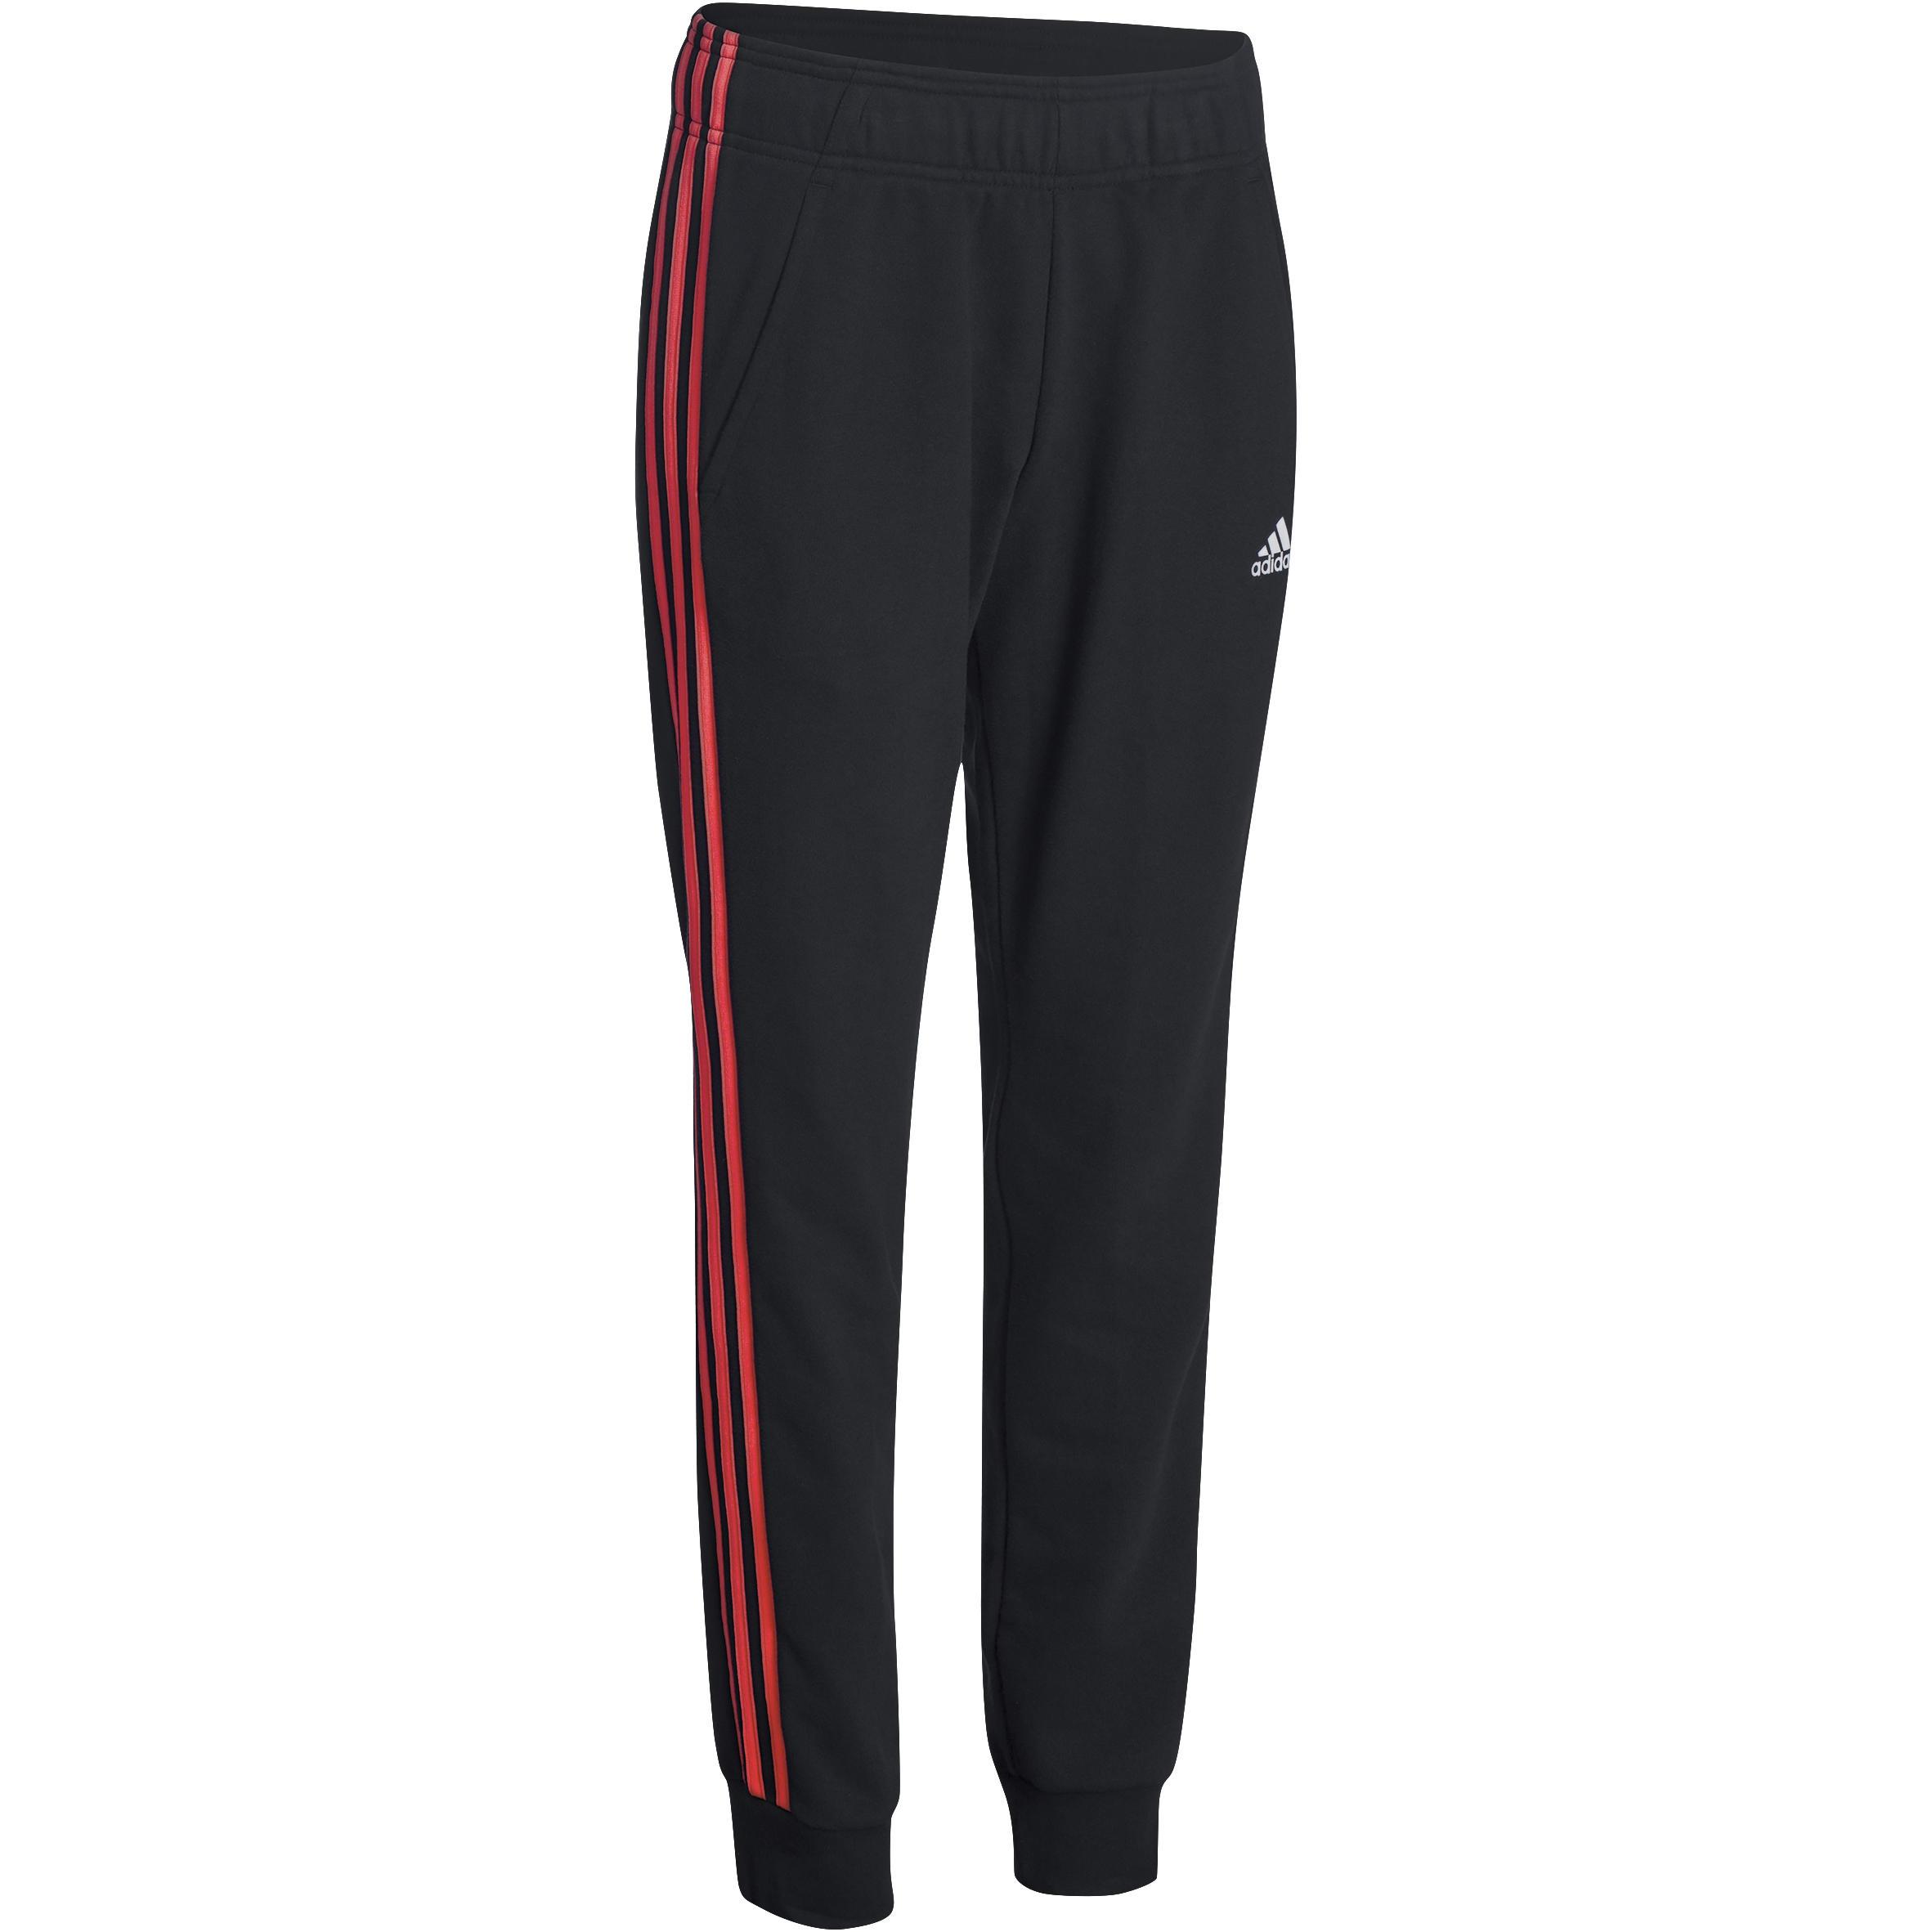 Fitnessbroek Adidas dames zwart-roze